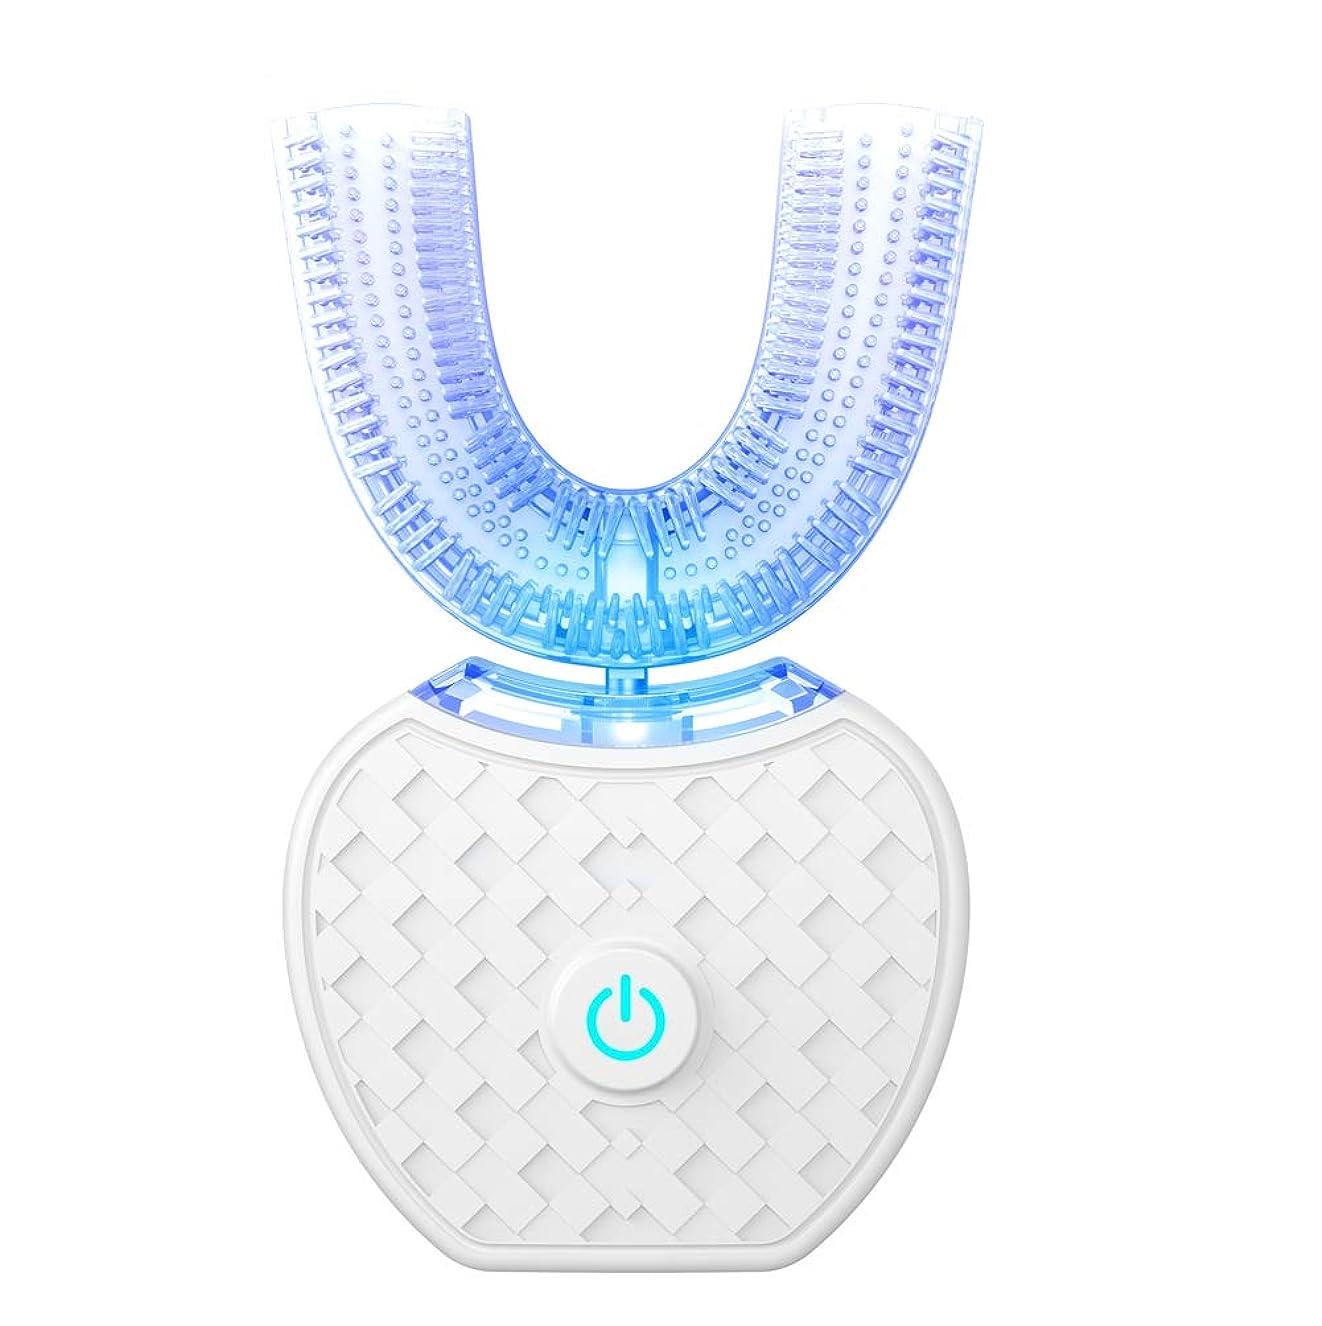 起きる薄汚い単にアップグレード 口腔洗浄器 デンタルケア 電動歯ブラシ ナノブルーレイ美歯 ワイヤレス充電 虫歯予防 U型 360°全方位 ホワイト